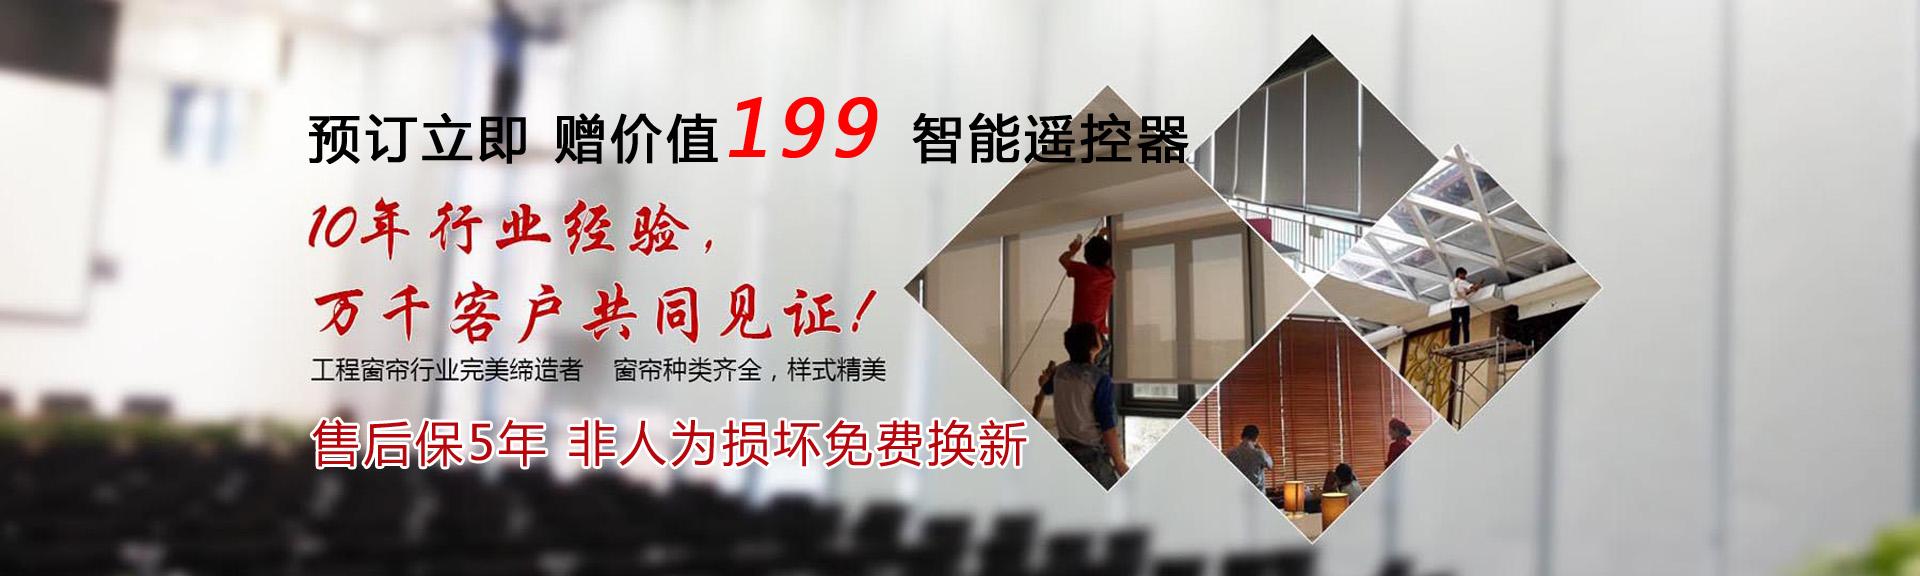 黑龙江万博手机版官网登陆ManBetX万博体育app批发